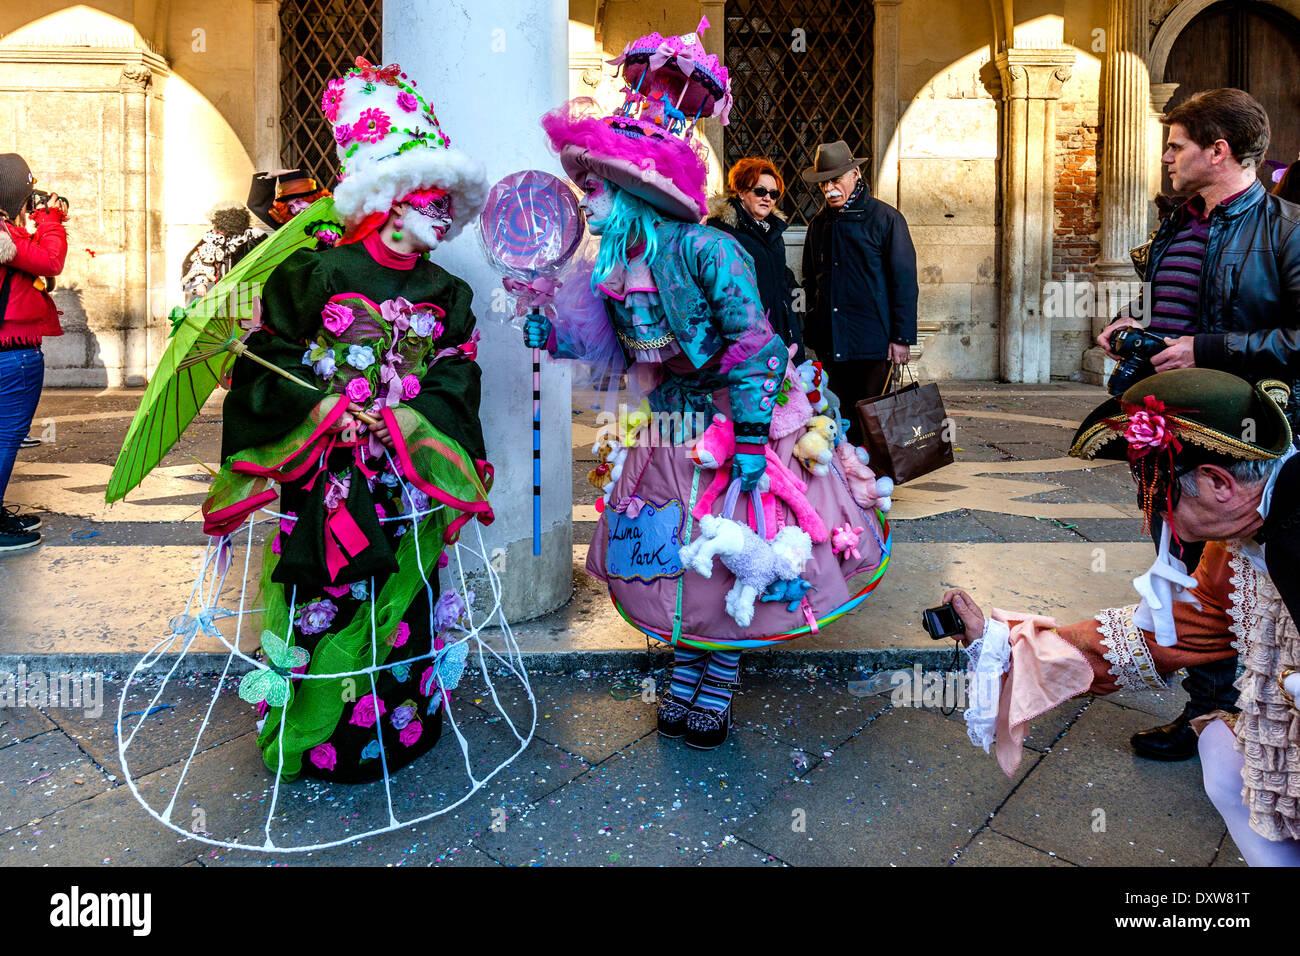 Los juerguistas de carnaval, la Plaza de San Marcos, el Carnaval de Venecia, Venecia, Italia Imagen De Stock